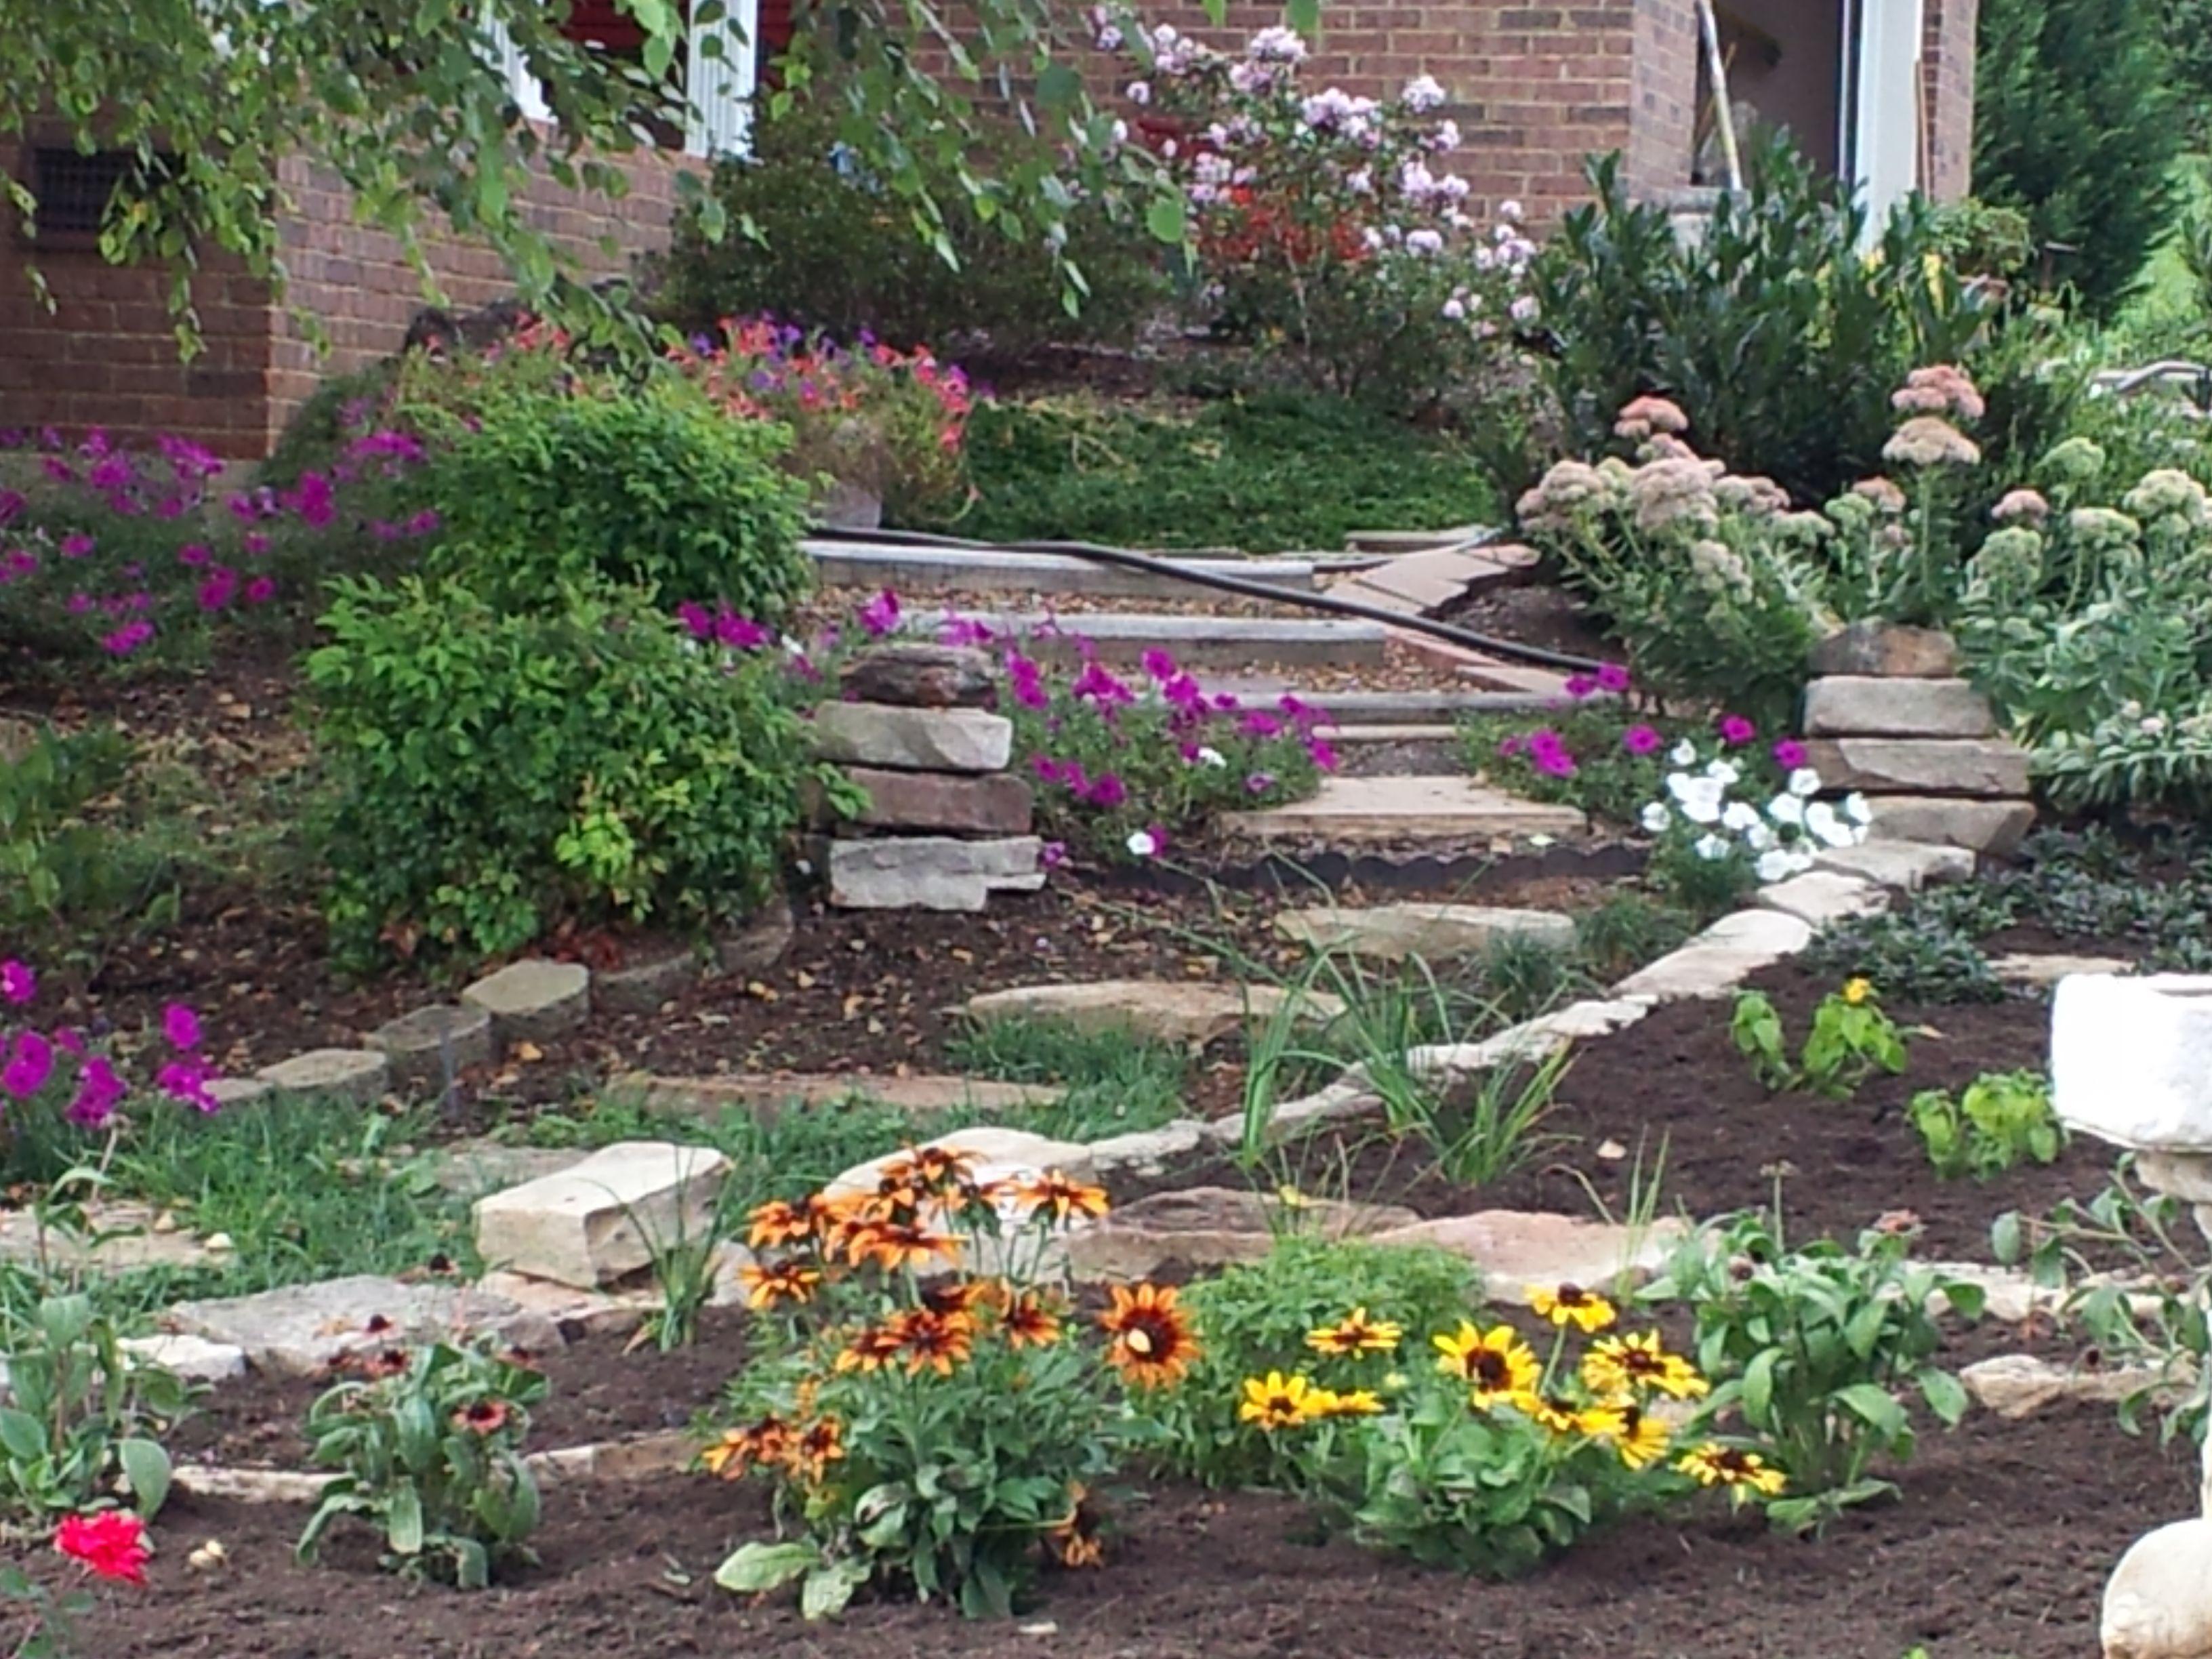 Walking path to front door country garden ideas pinterest for Front door garden ideas